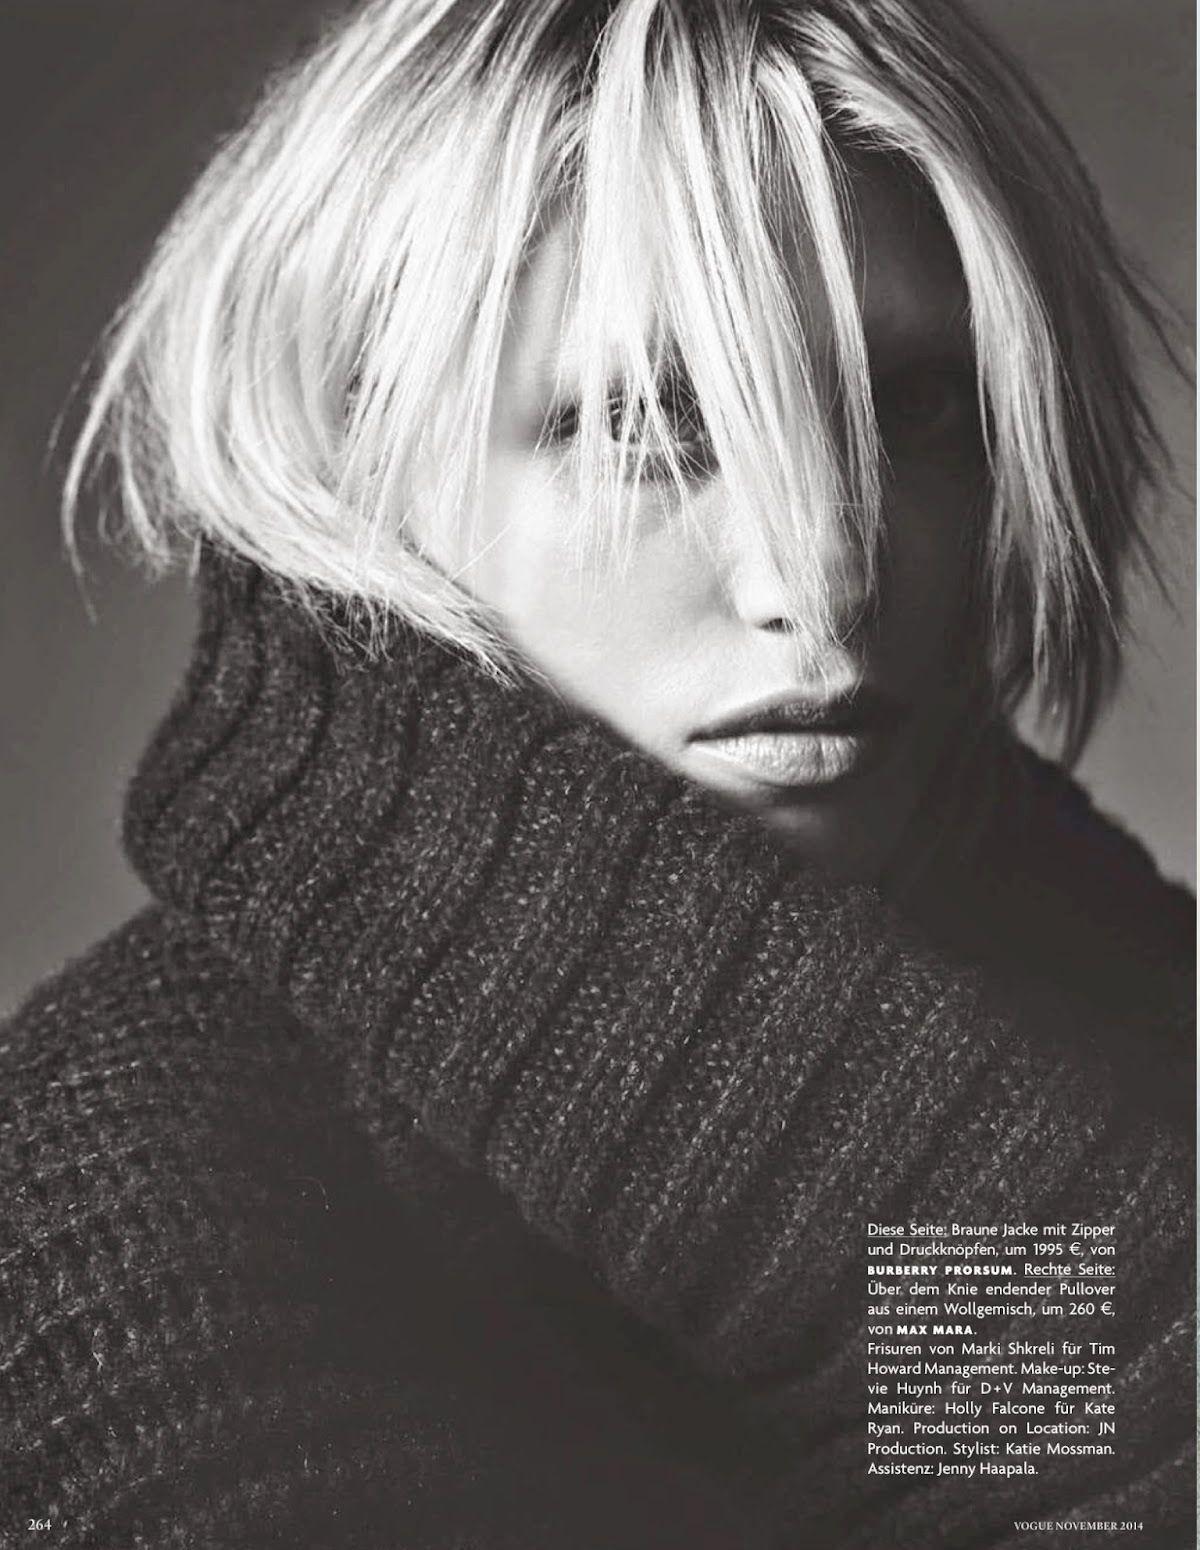 Vogue Germany Nov 2014   Hana Jirickova by Nick Dorey